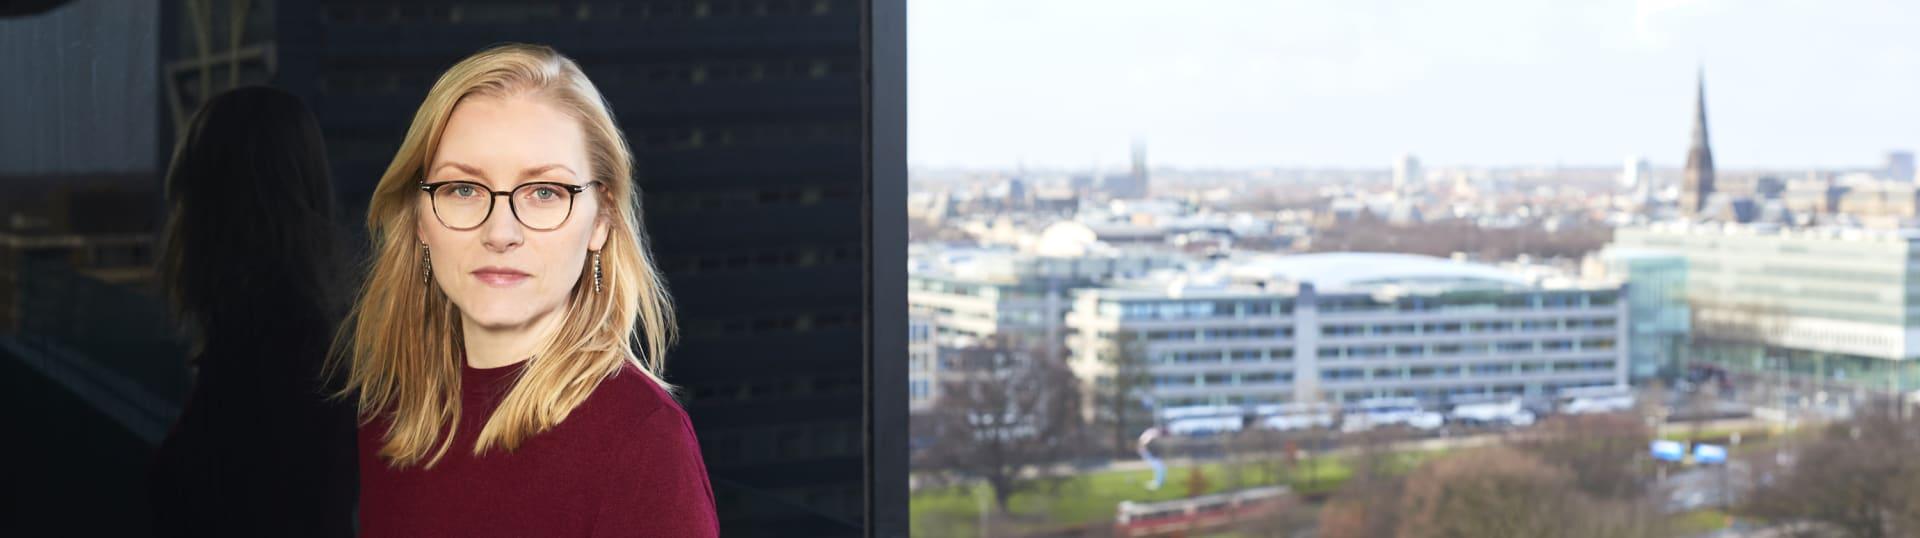 Irene van der Heijden, advocaat Pels Rijcken